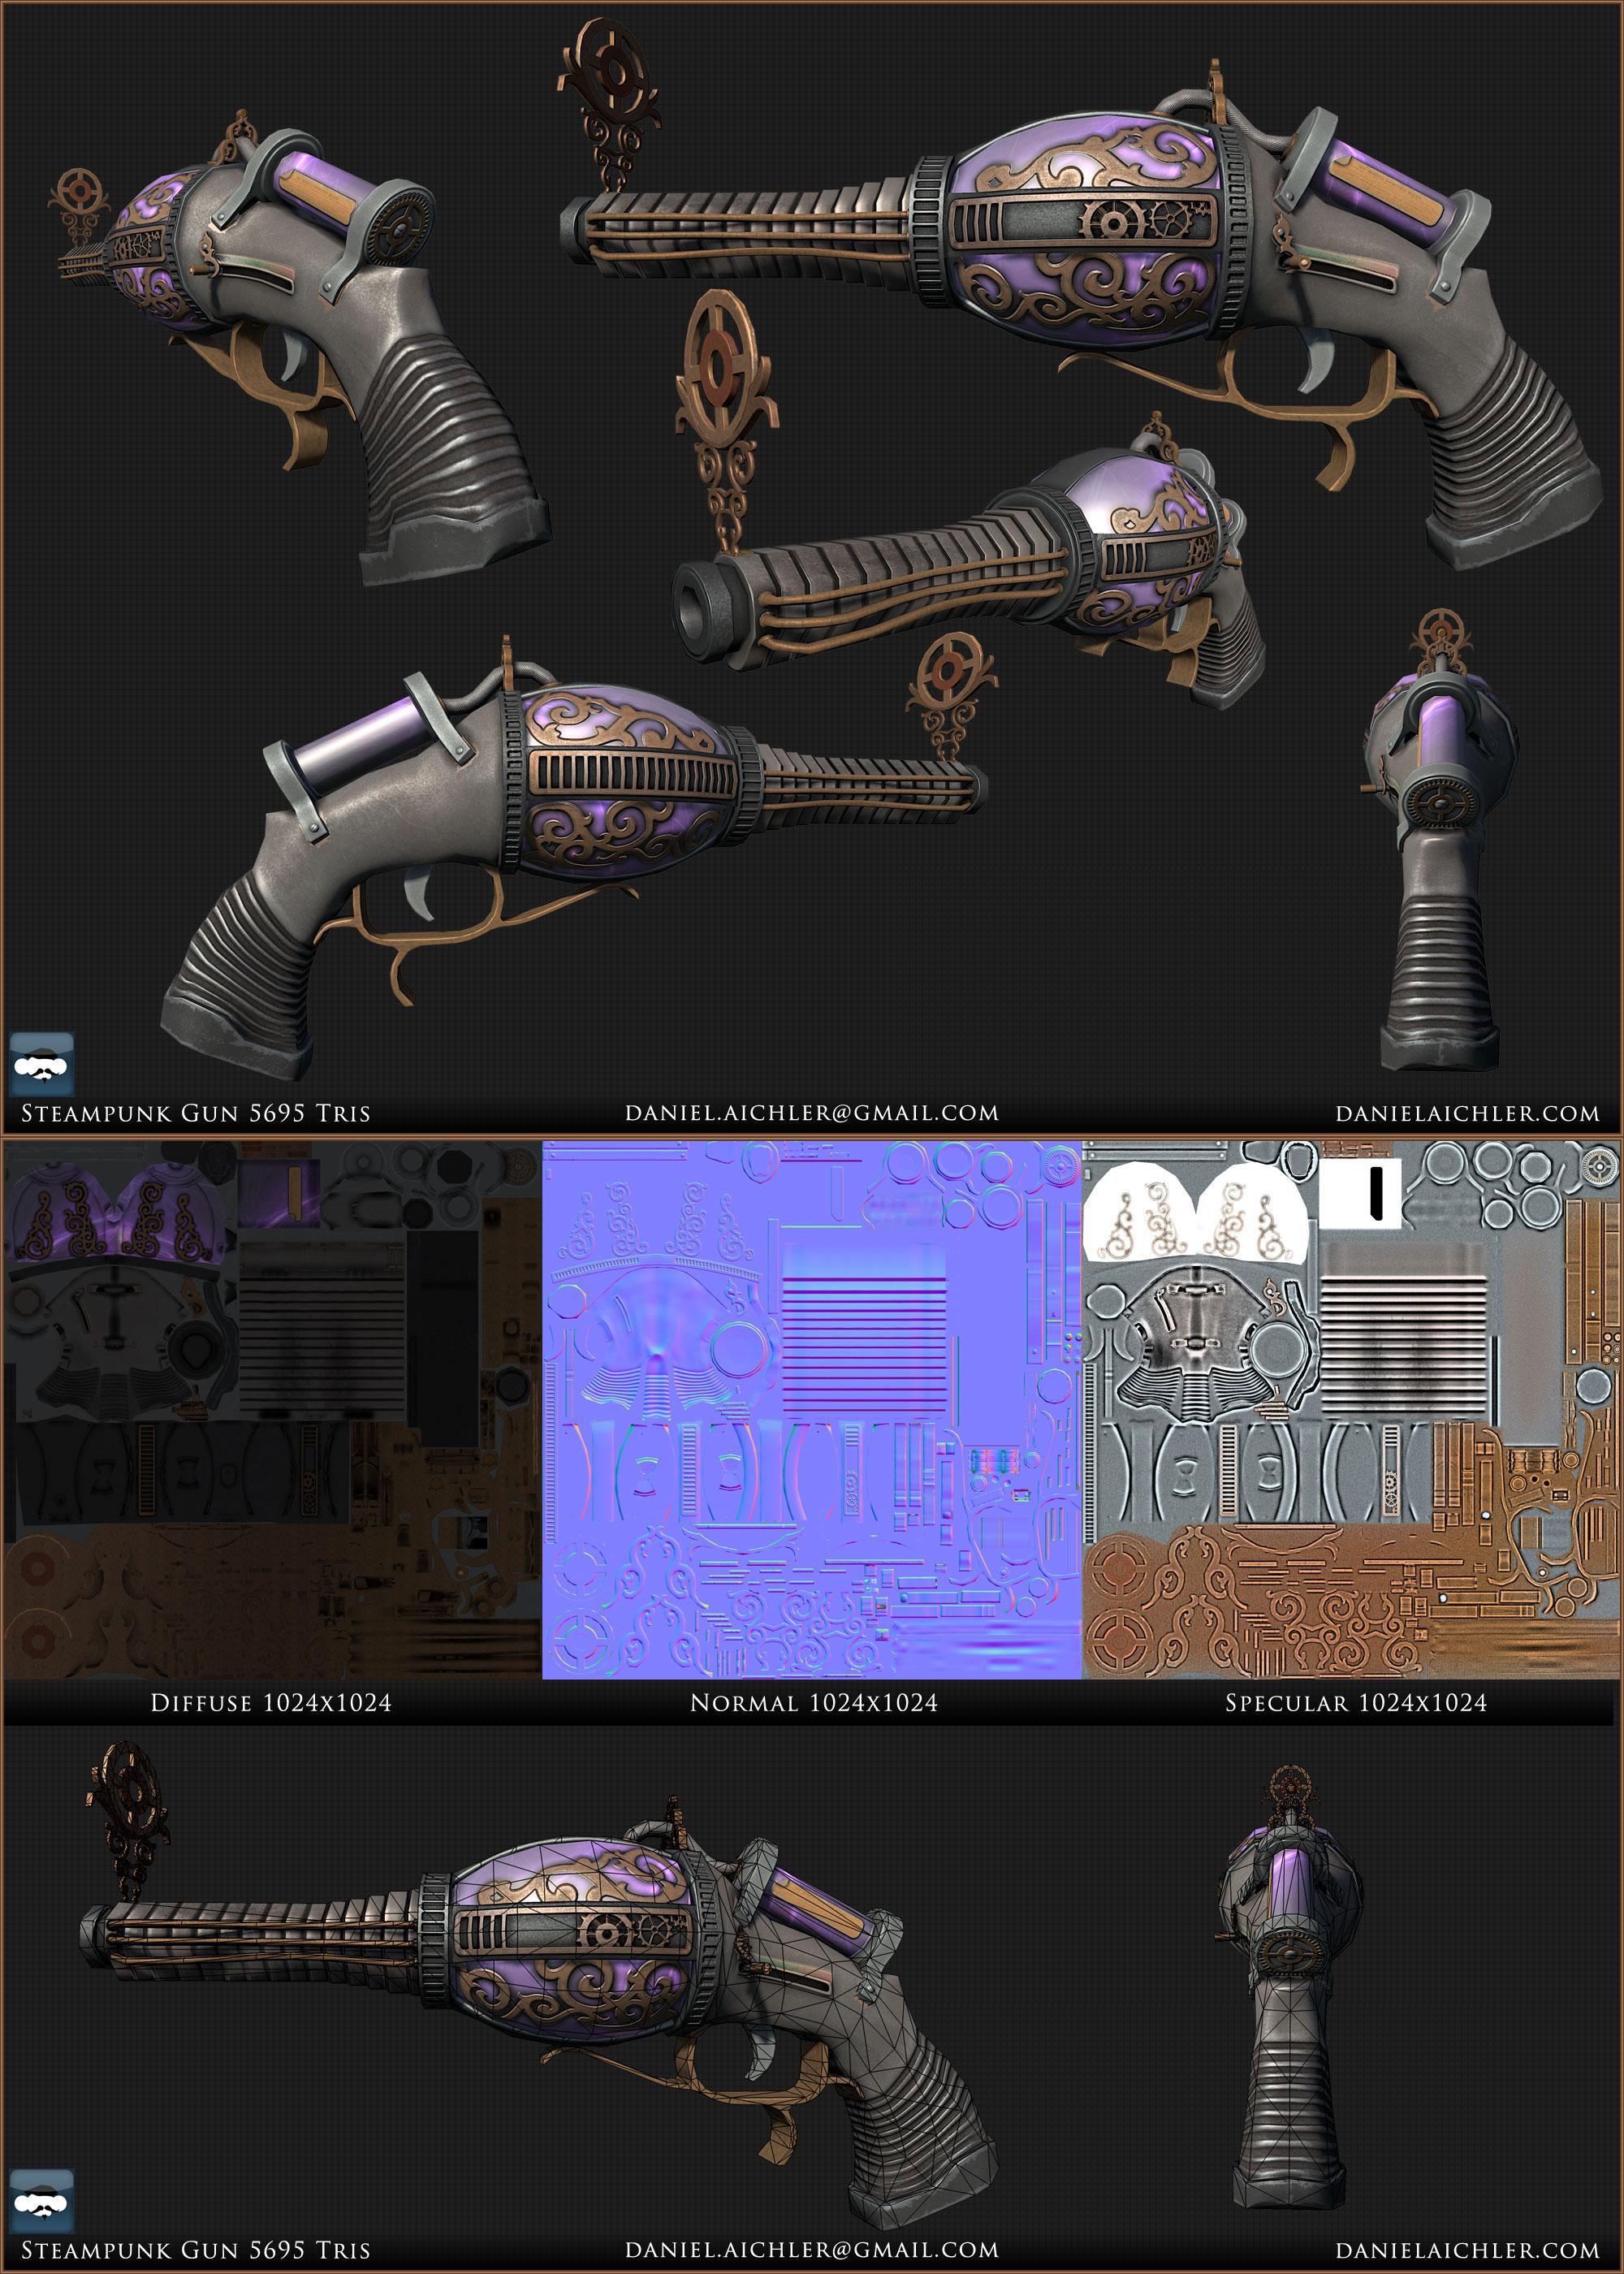 Steampunk Lazer gun by ravital